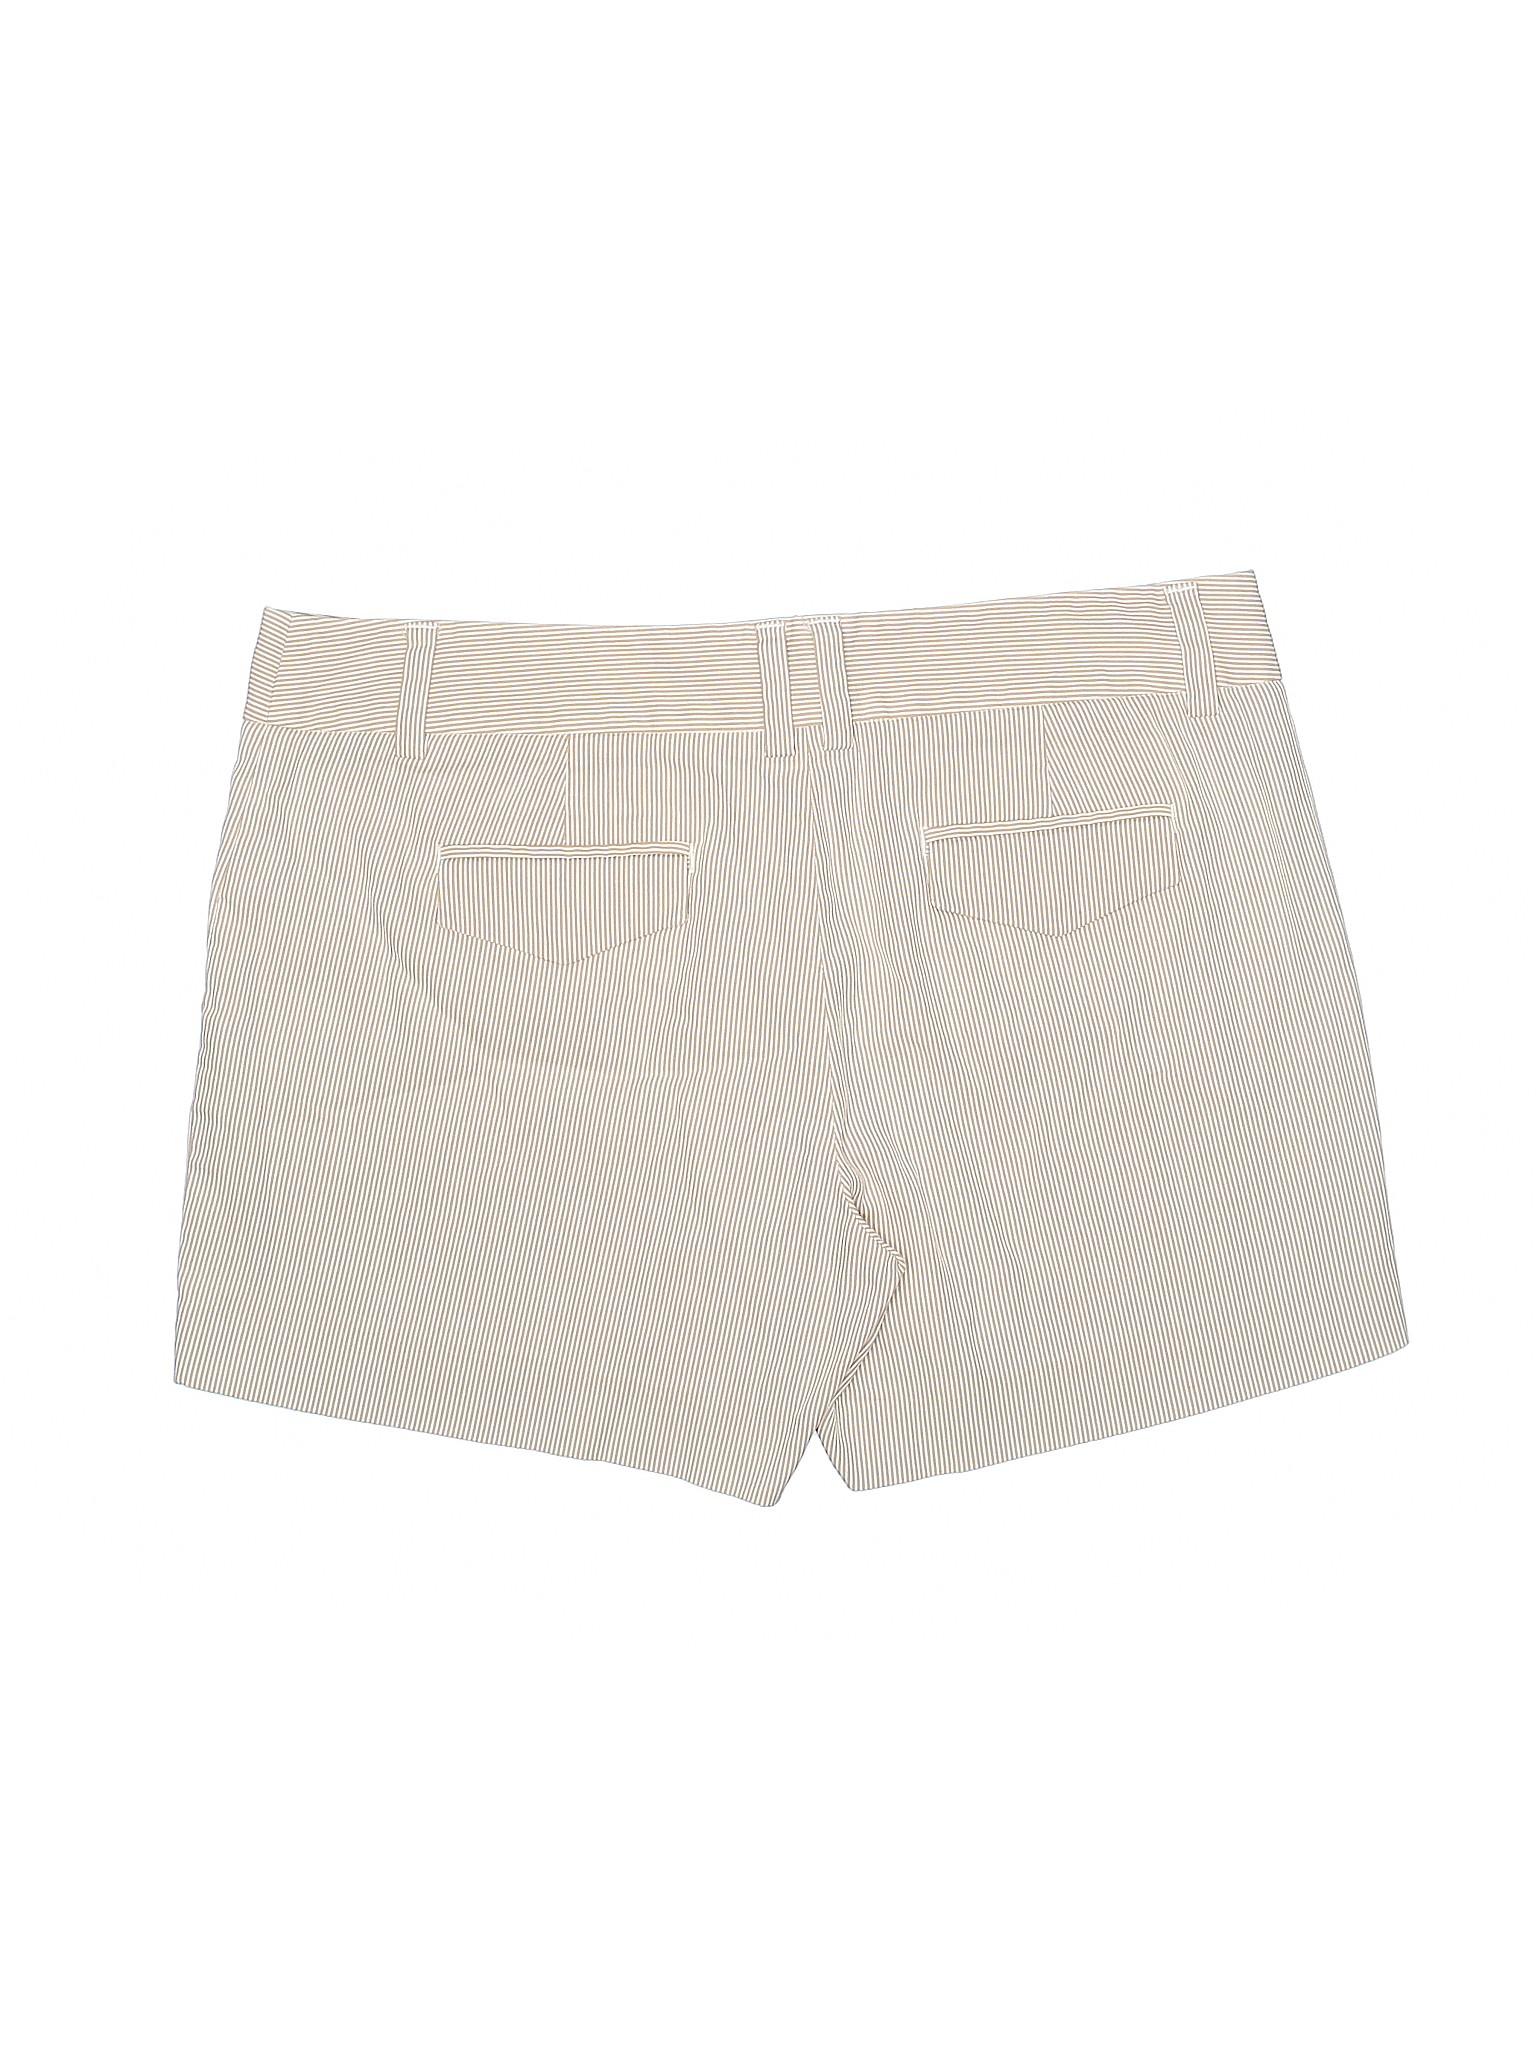 Boutique Shorts J Boutique Khaki Khaki J Crew Crew J Shorts Crew Khaki Boutique apUUnRxE